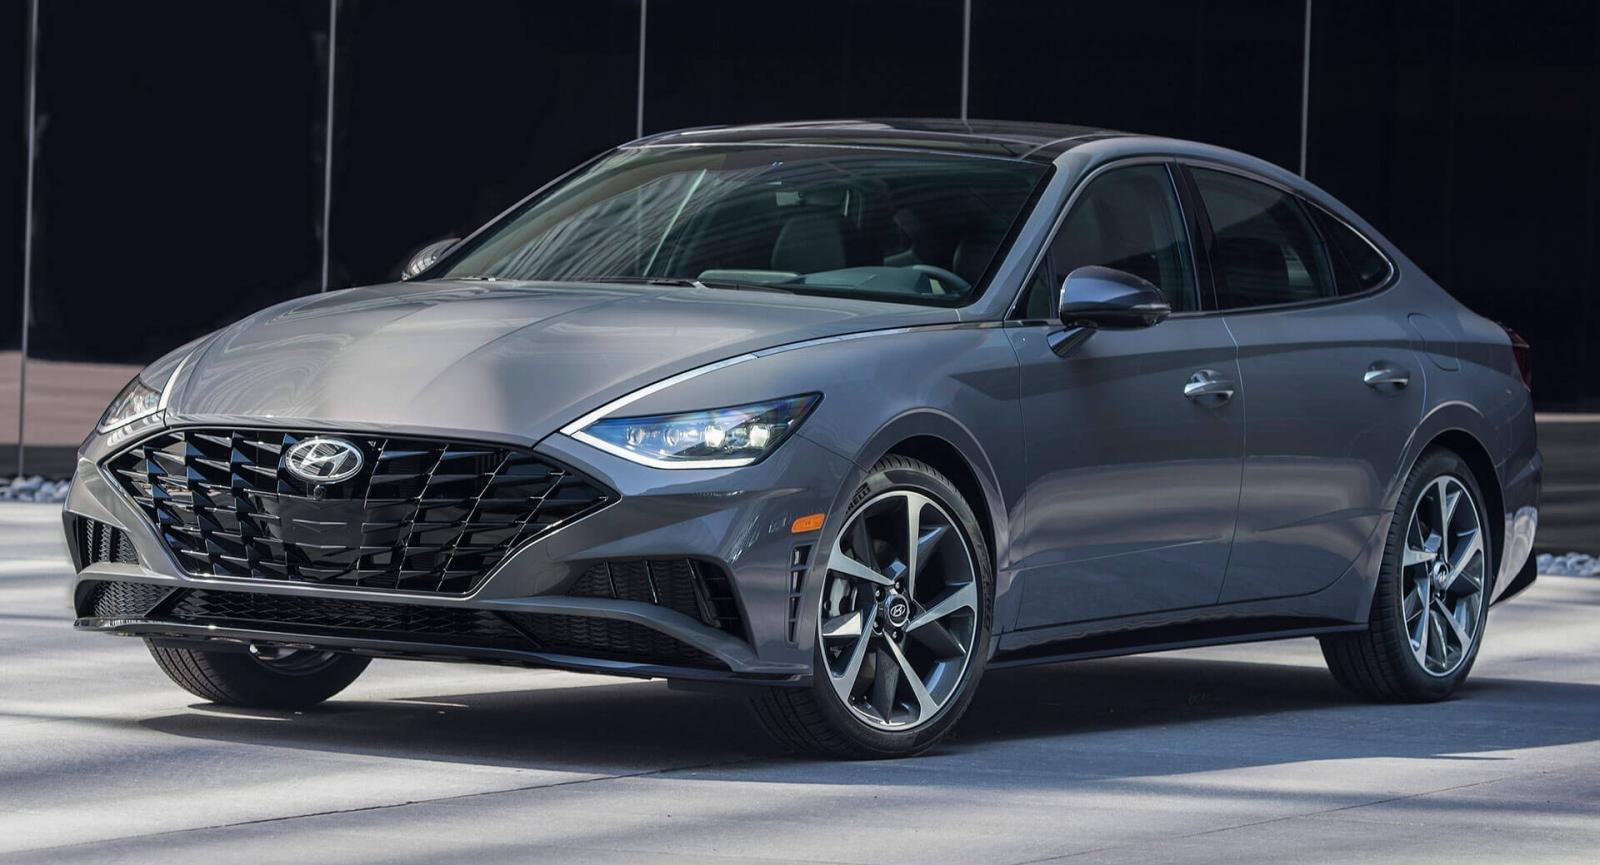 Hyundai Sonata và Kia Optima 2020 sắp lên đời dẫn động 4 bánh 7